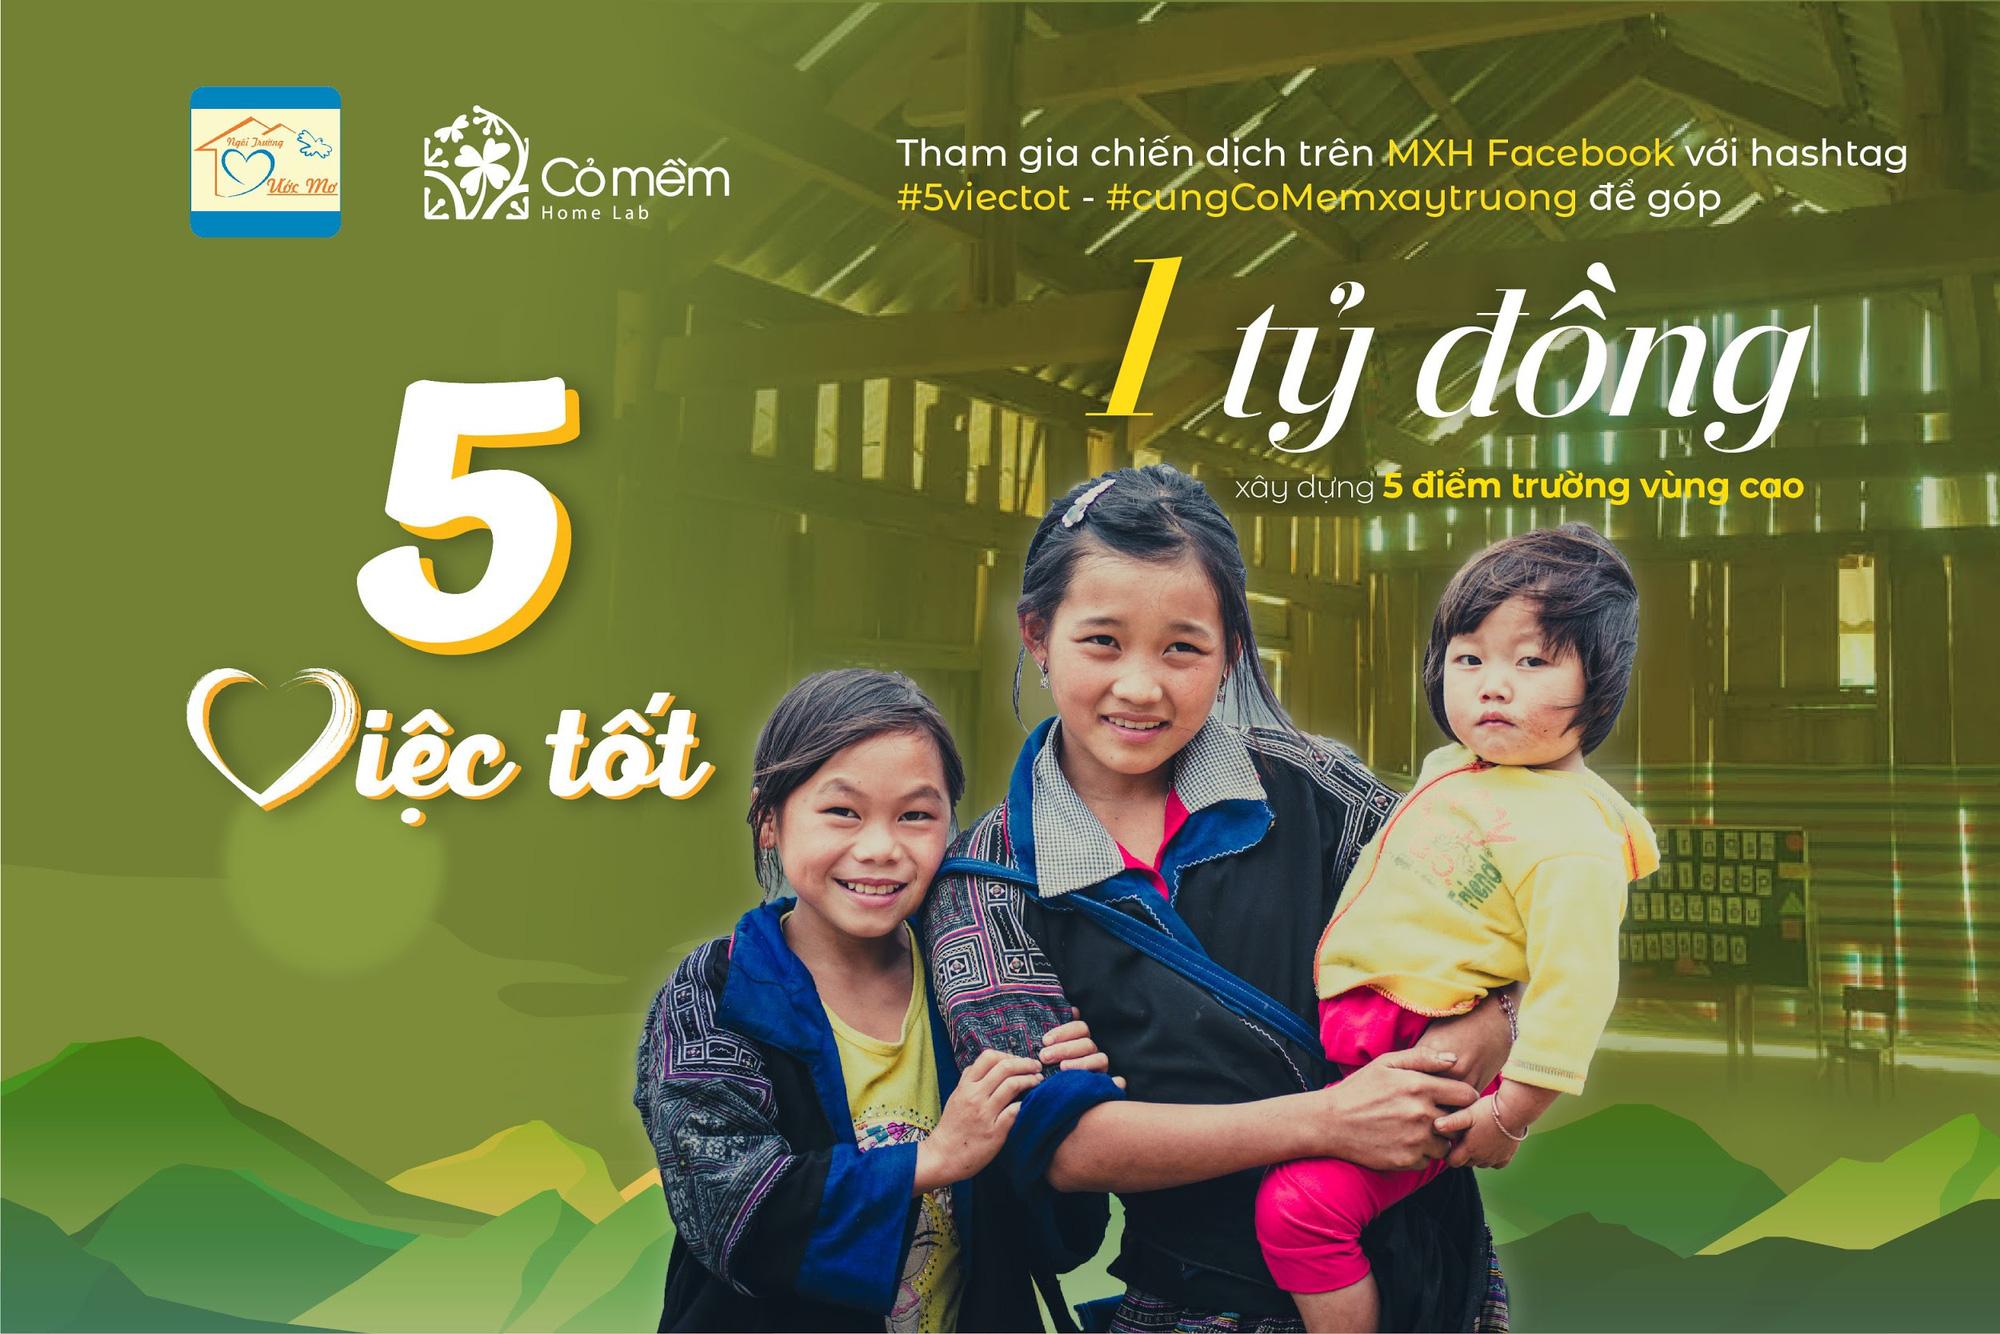 """Chiến dịch """"5 việc tốt"""" phát động góp quỹ xây trường cho trẻ em vùng cao - Ảnh 1."""